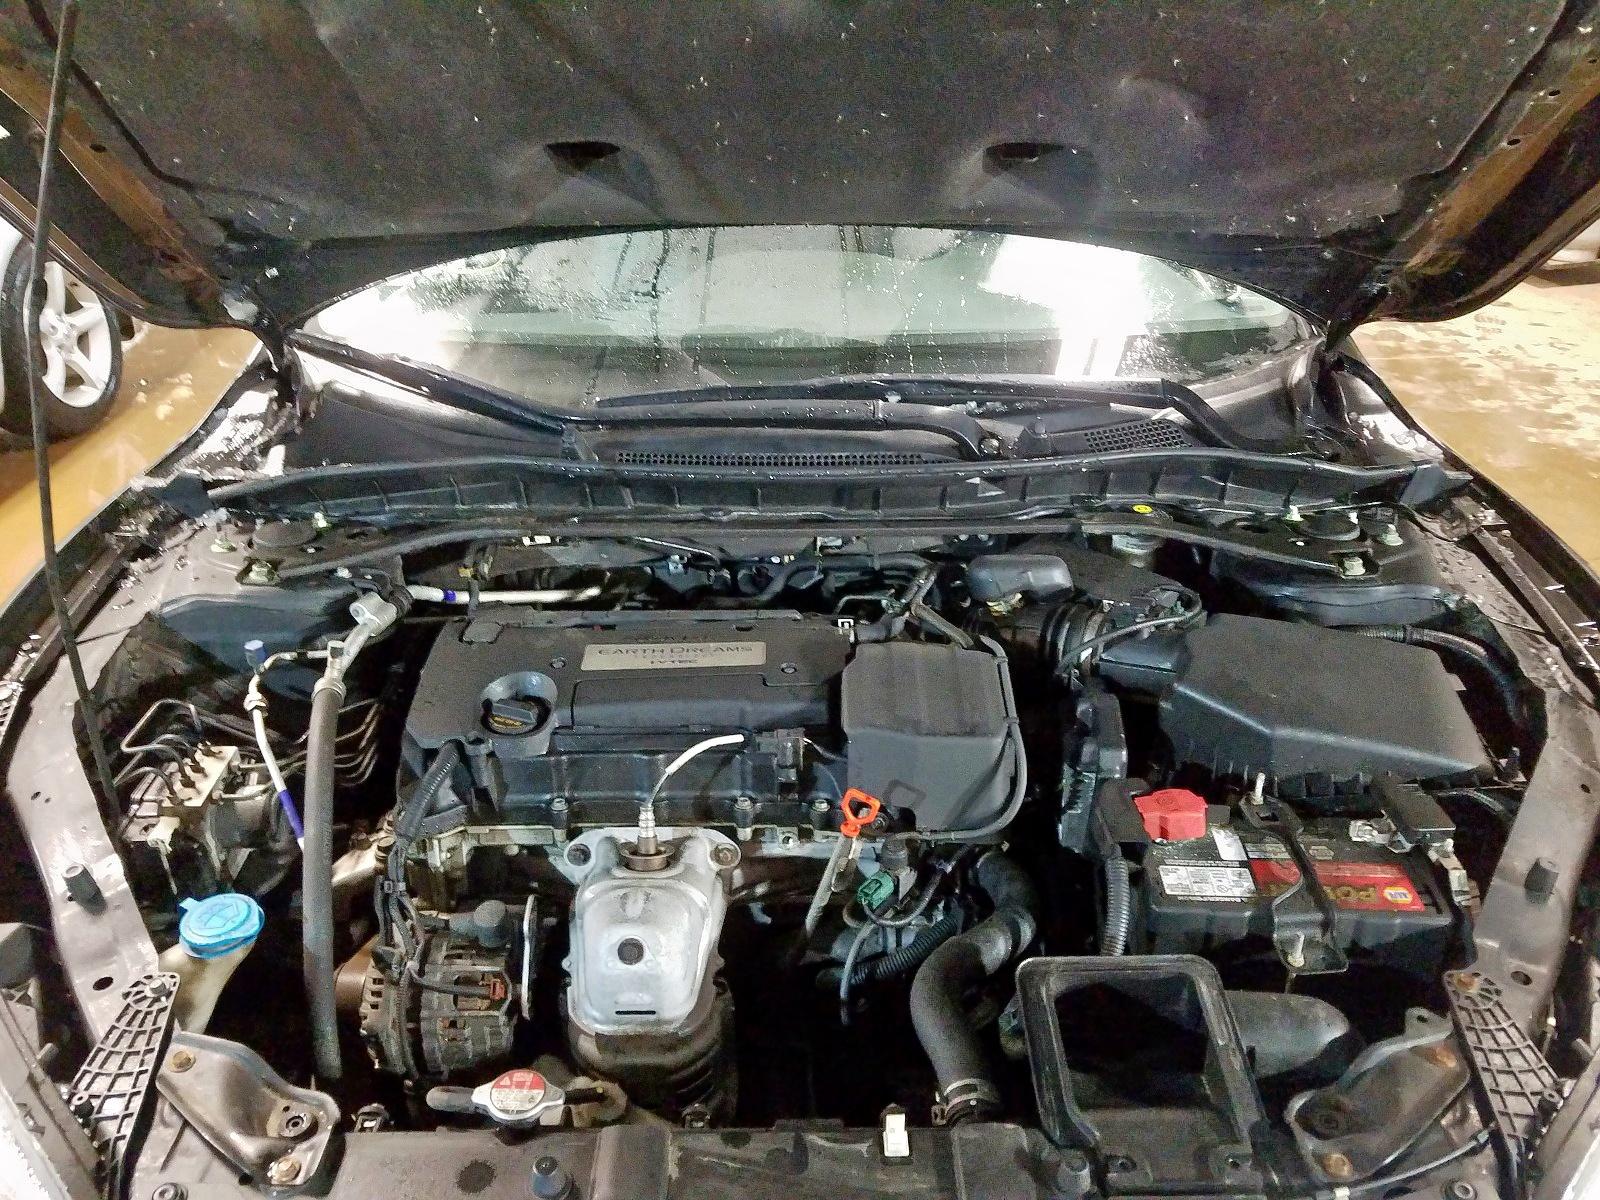 1HGCR2F5XEA126161 - 2014 Honda Accord Spo 2.4L inside view